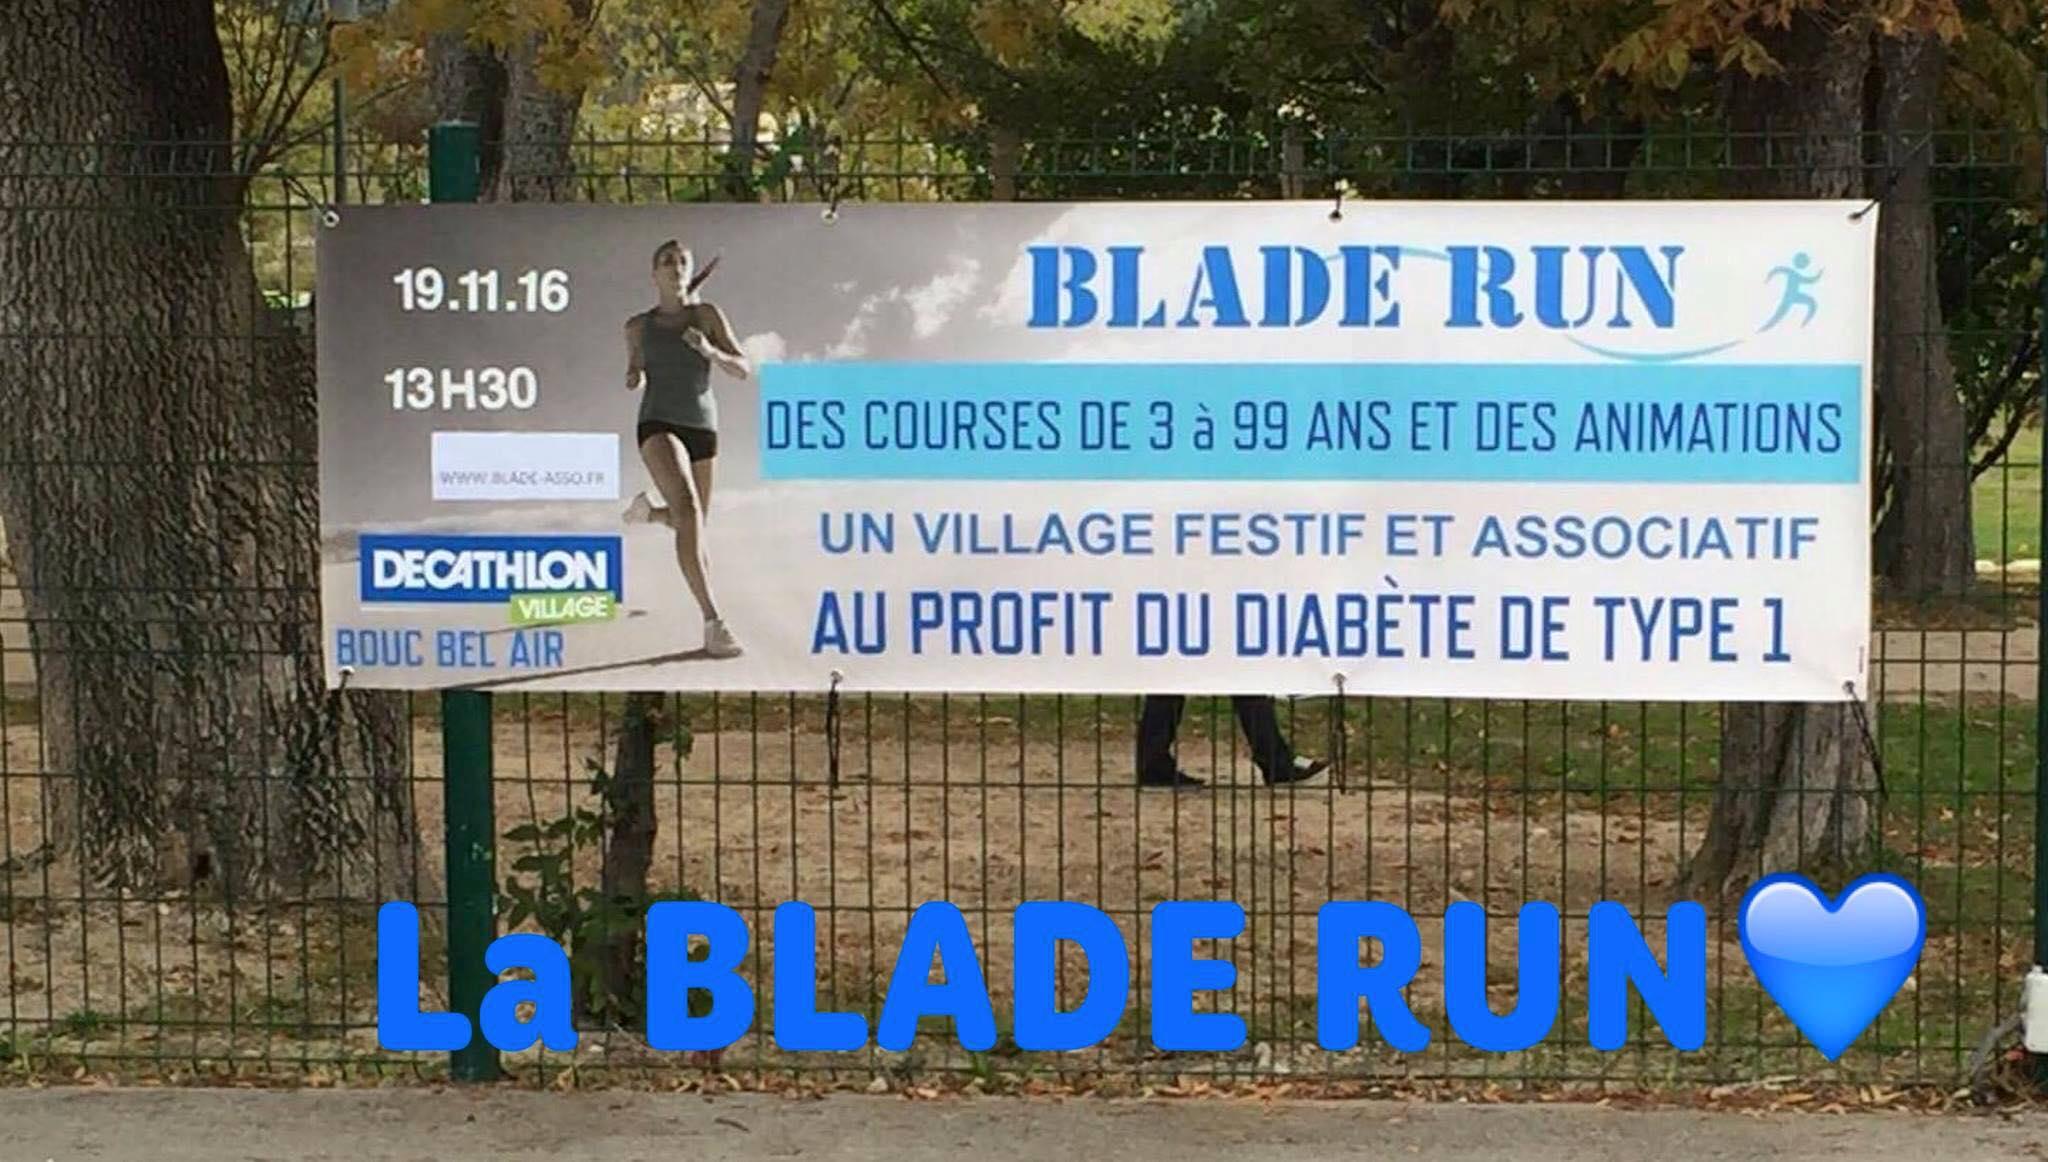 blade-run-course-contre-le-diabete-dectahlon